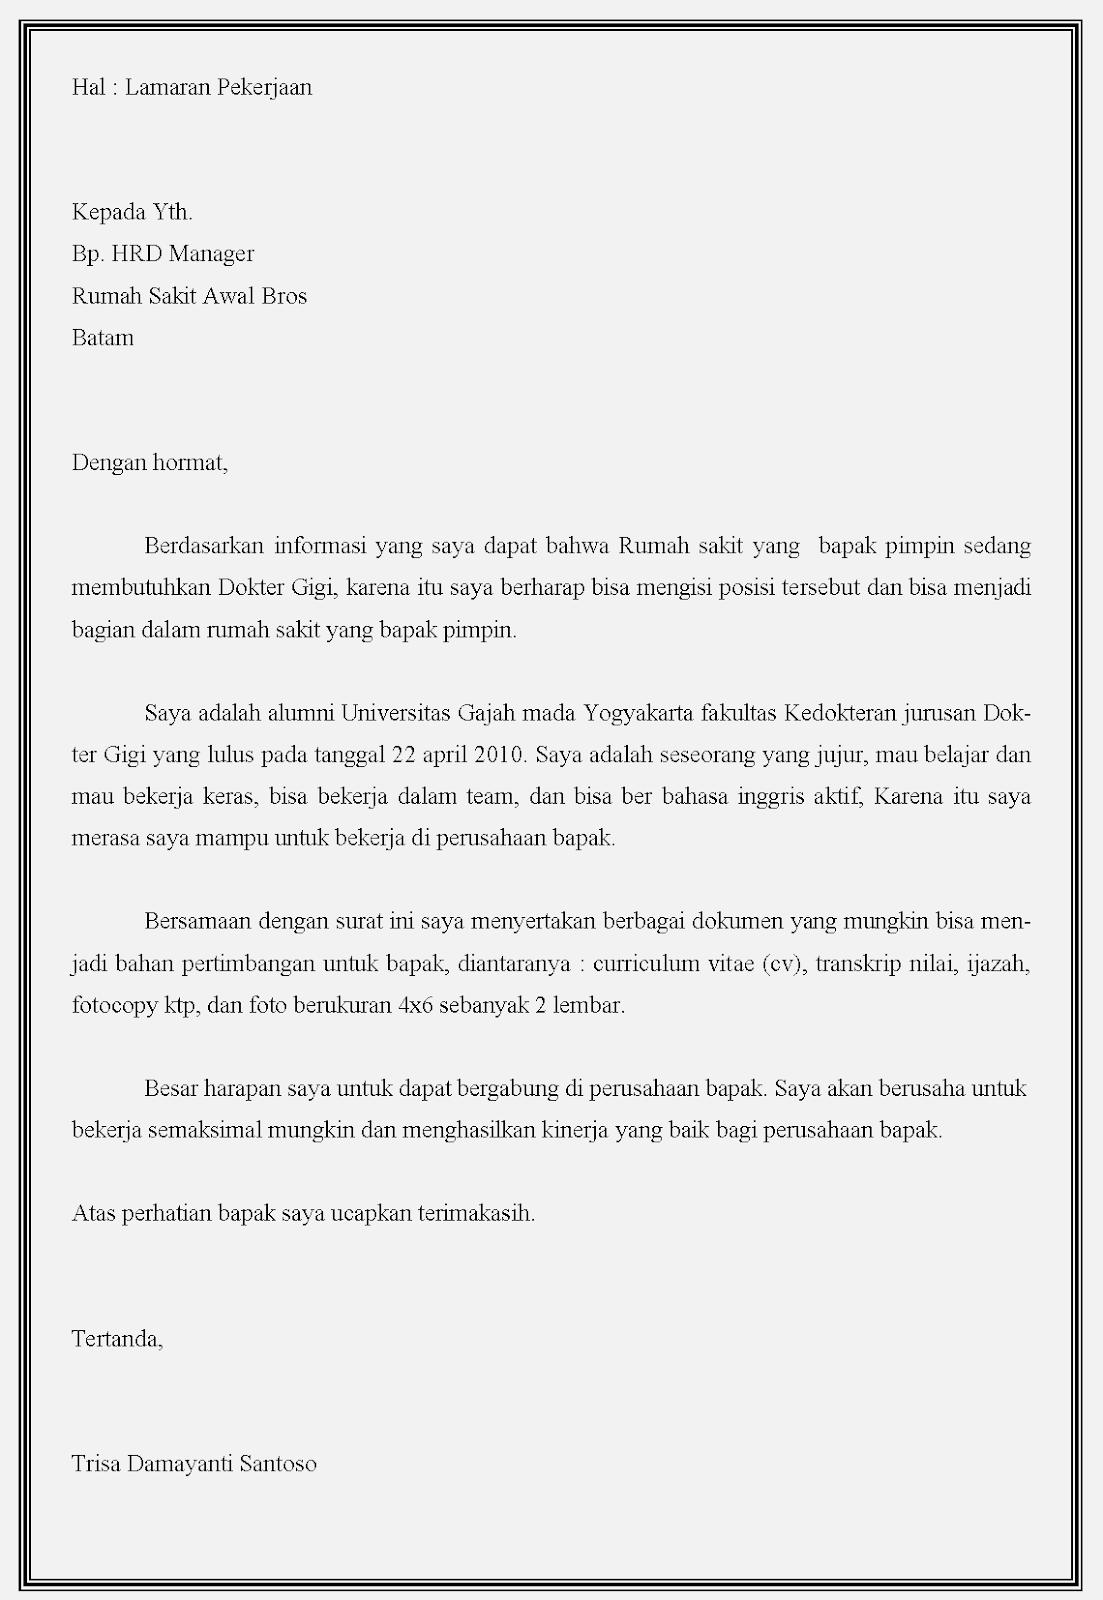 15 Contoh Surat Lamaran Kerja Dokter Terbaik Contoh Surat